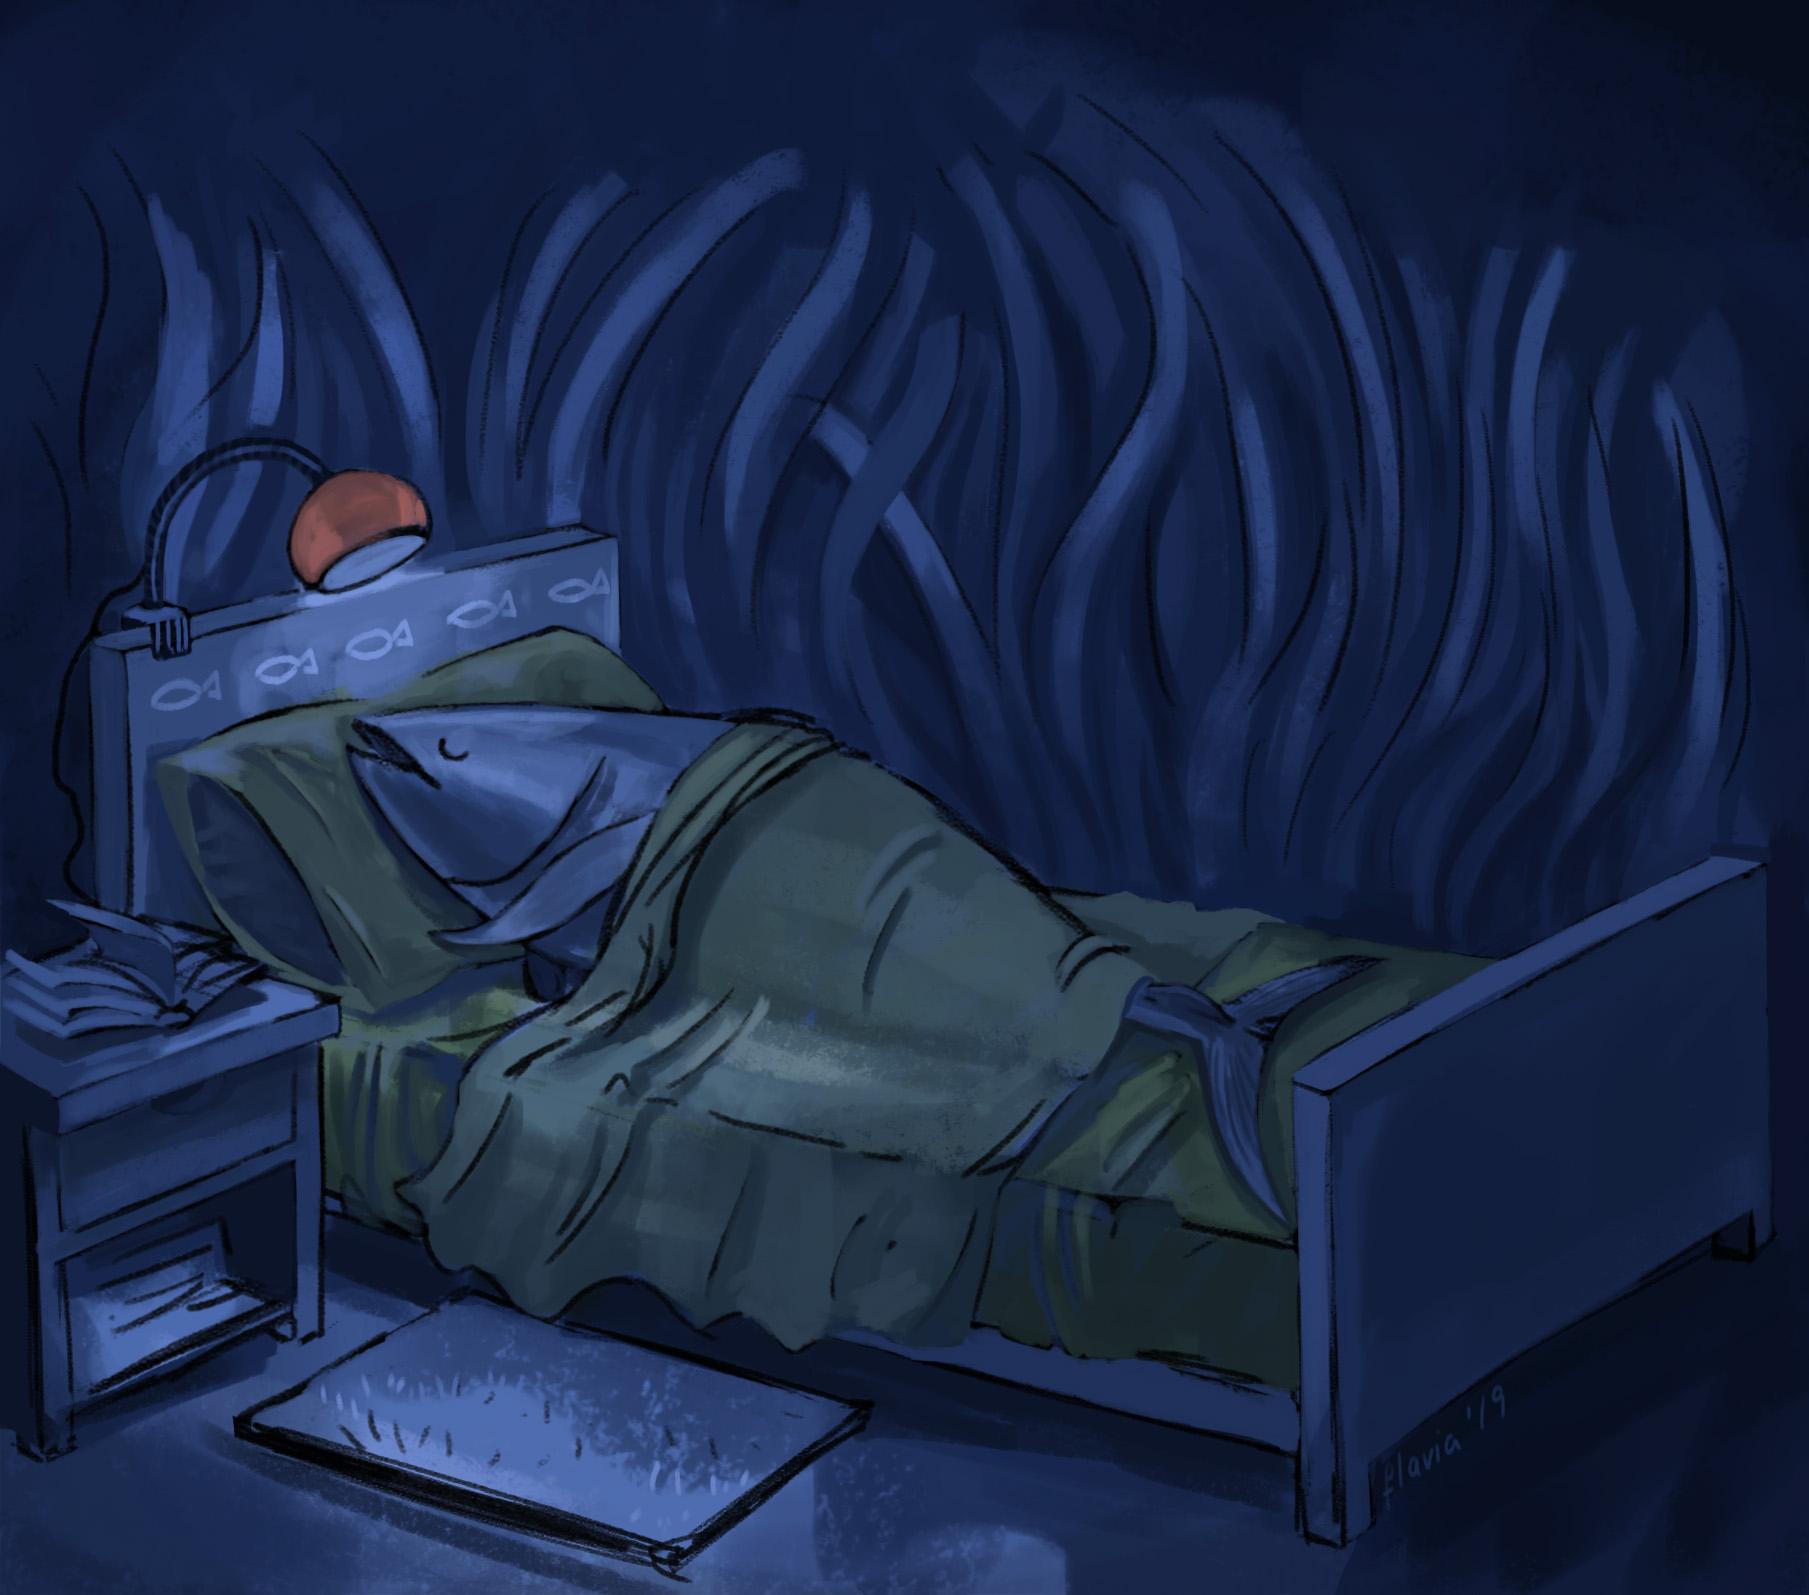 Illustration of a tuna sleeping